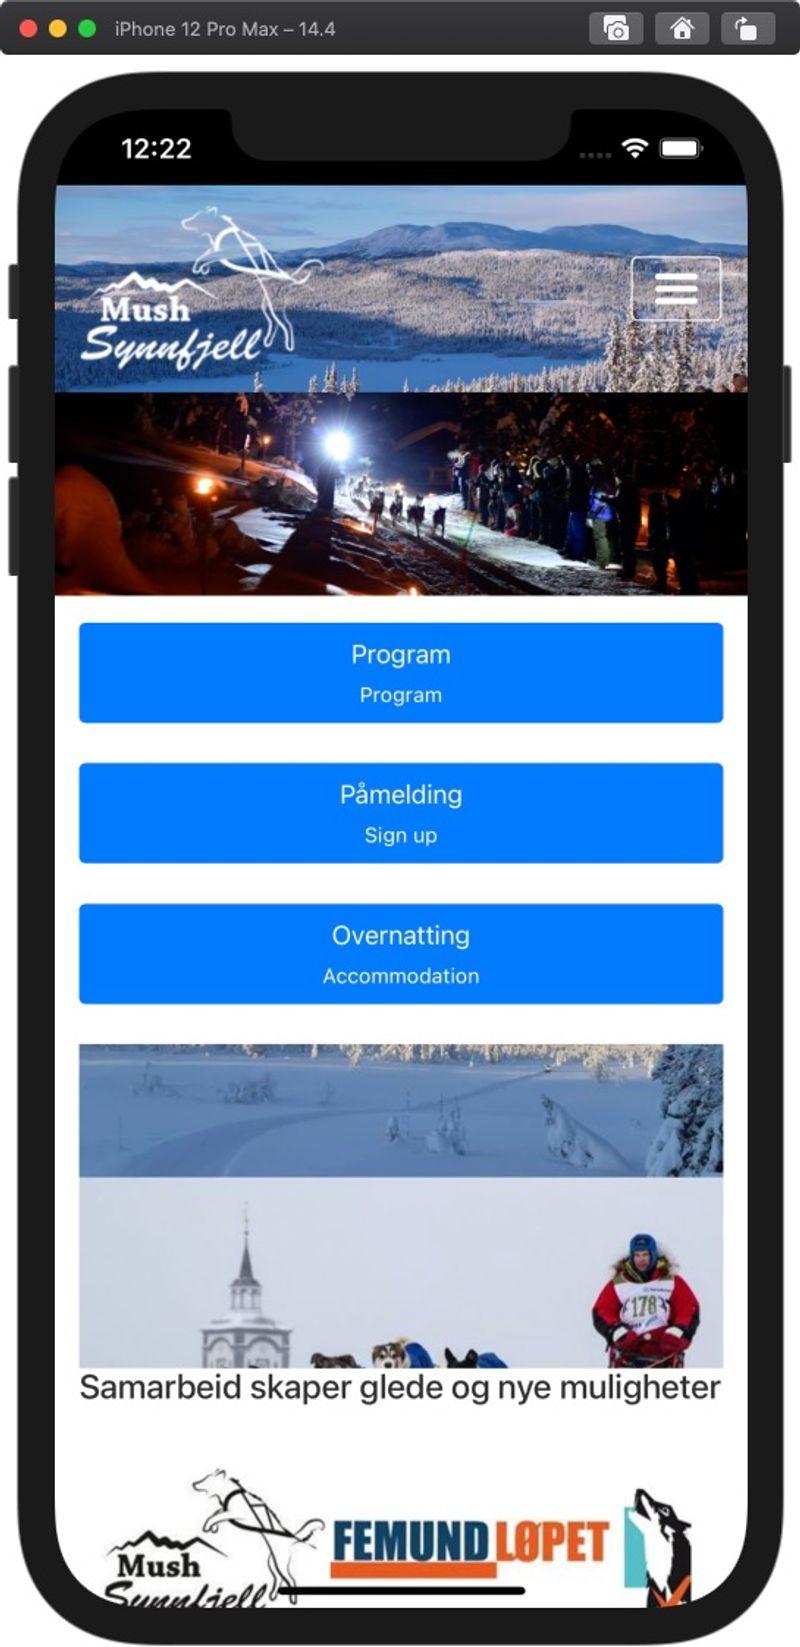 Når du åpner appen, så vil den fylle hele skjermen og det er super enkelt å følge med på siden.